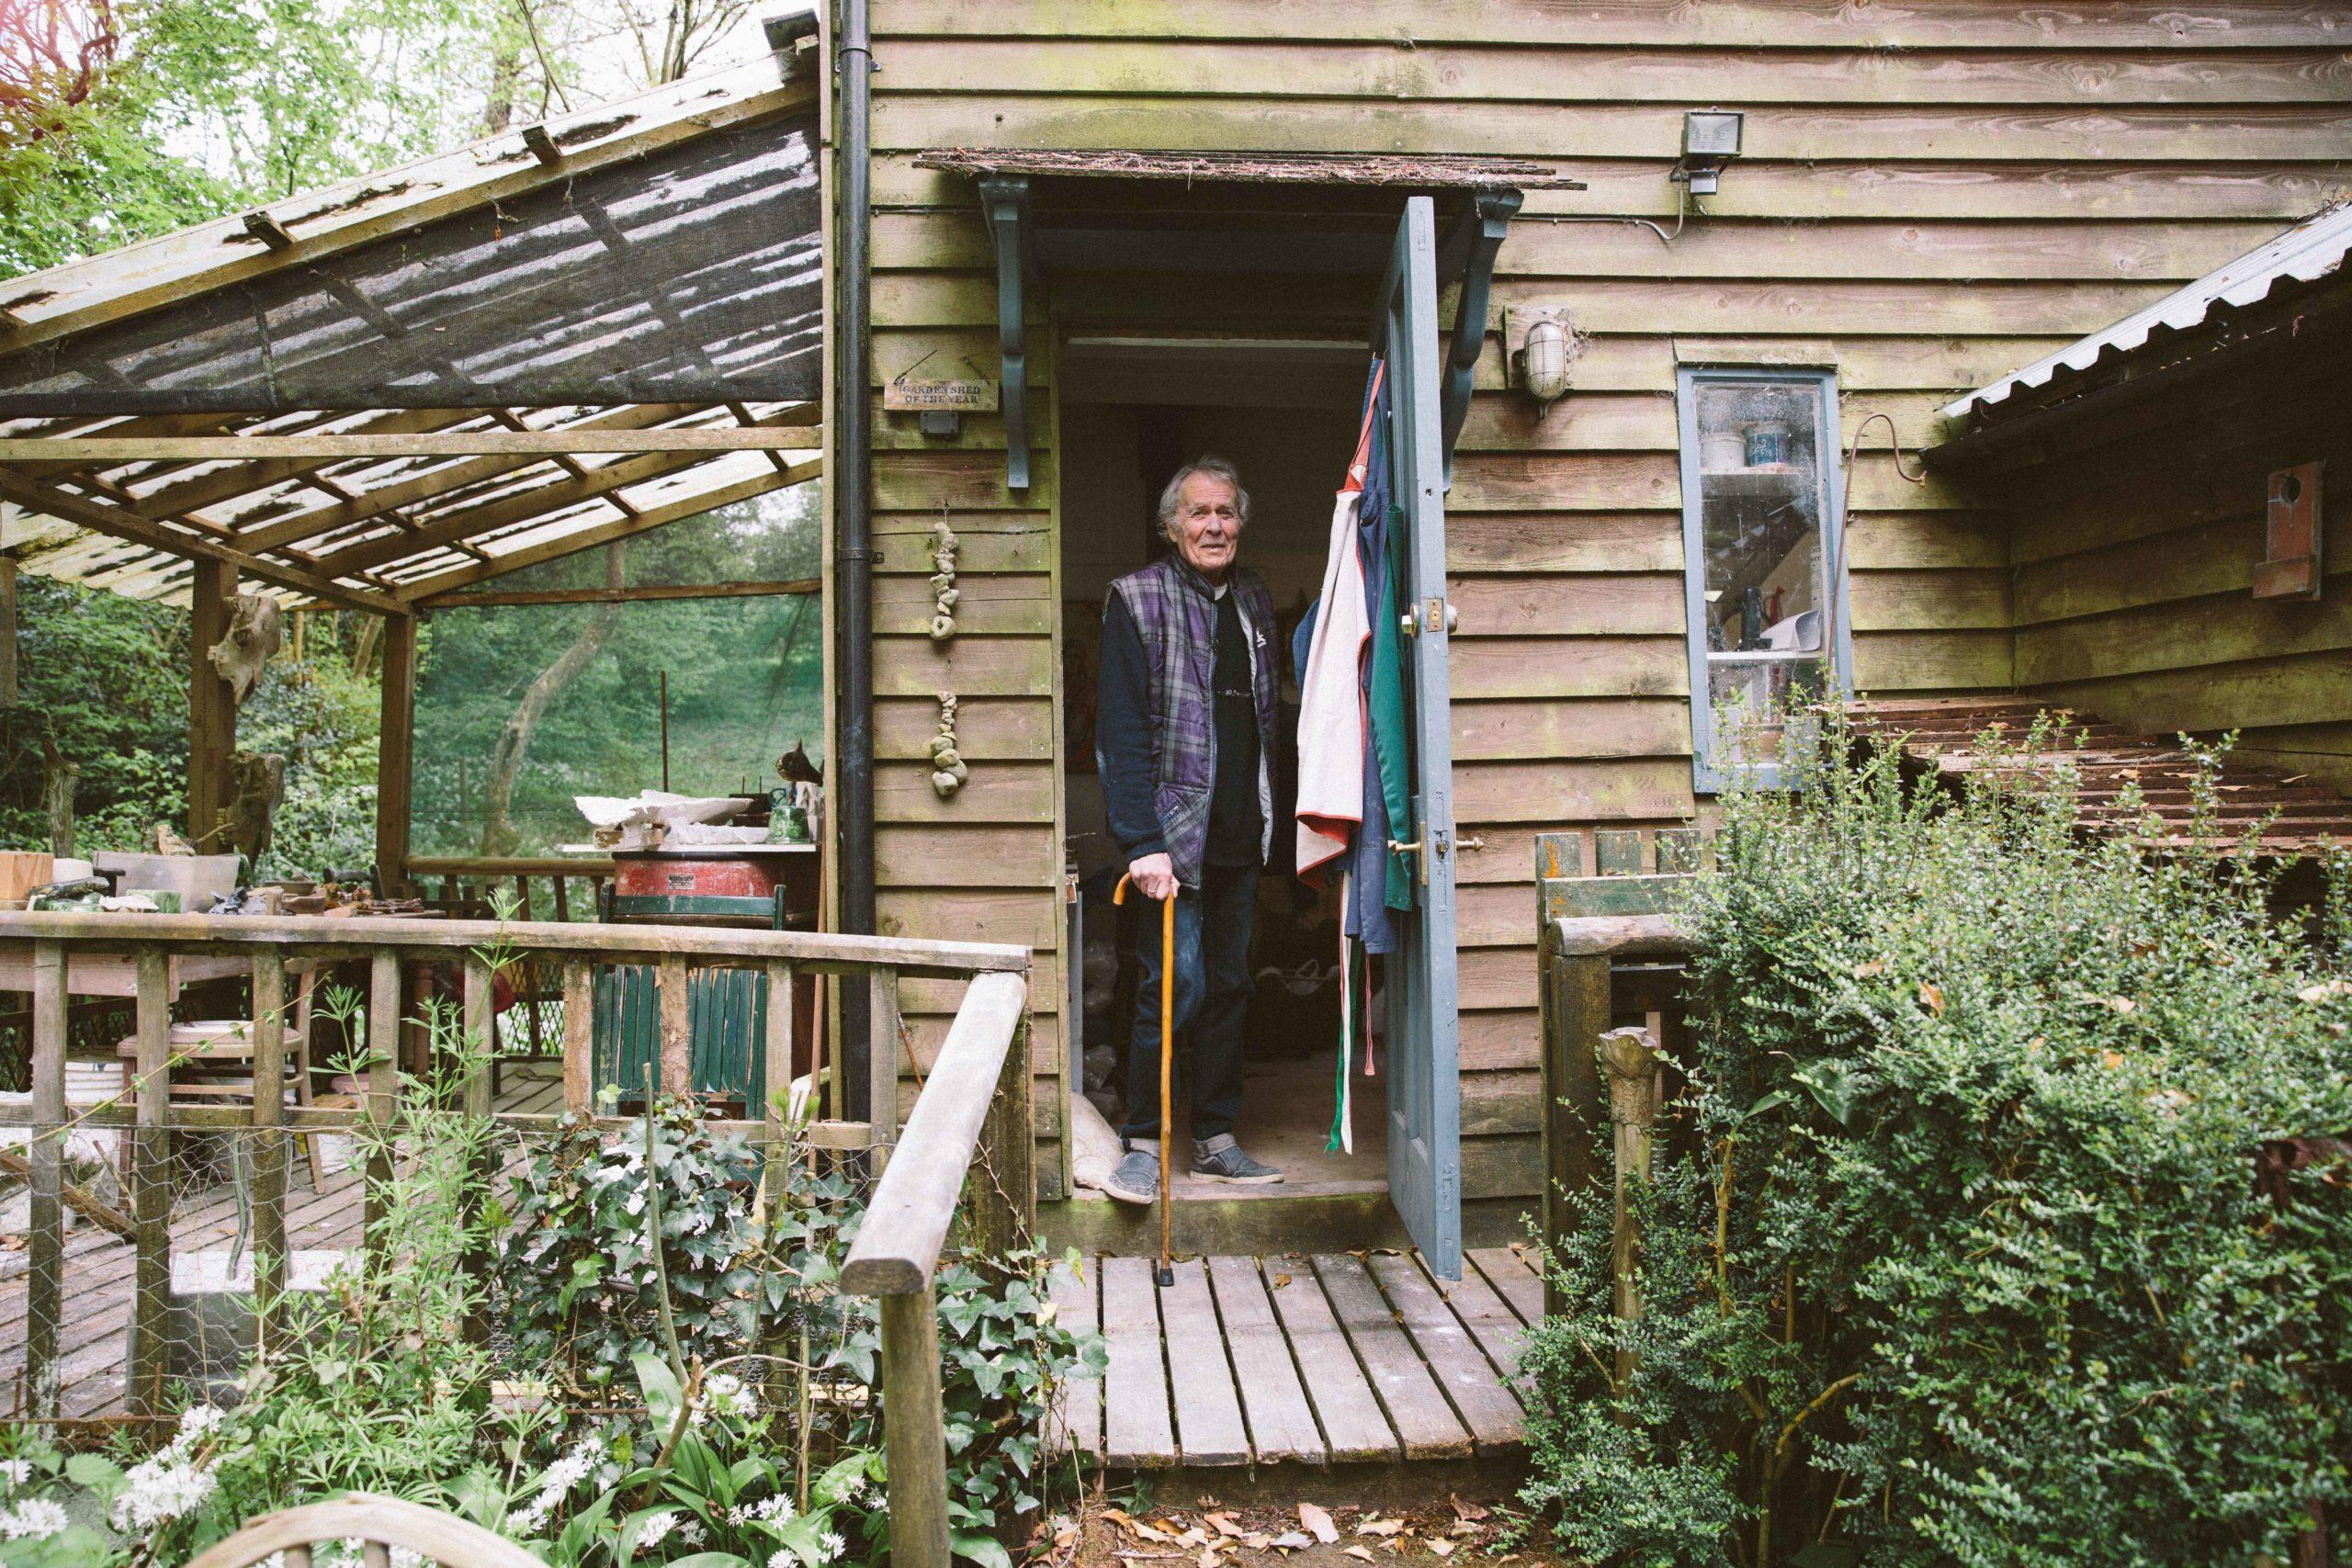 Ian Gregory in the doorway of his studio